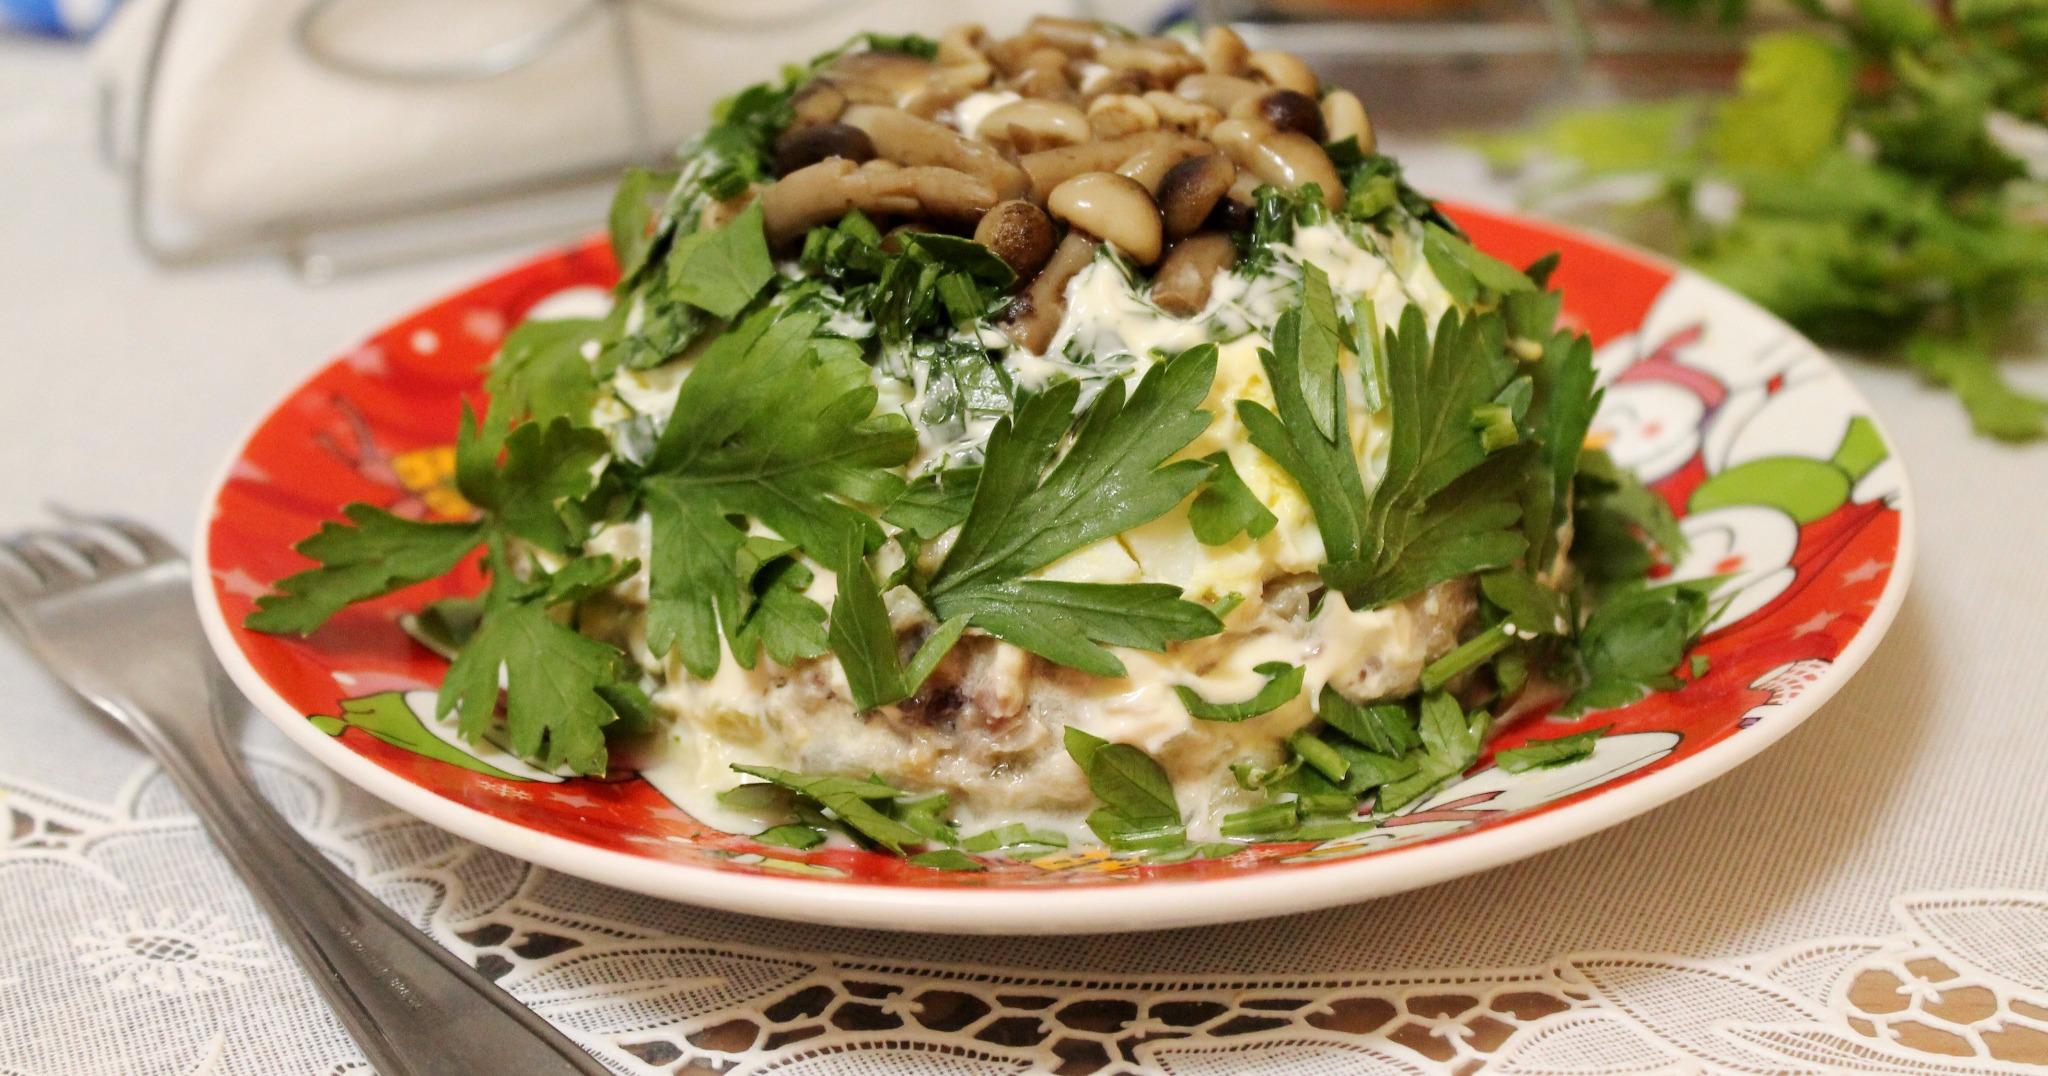 рецепт салата грибная поляна пошагово с фото отделки потолка